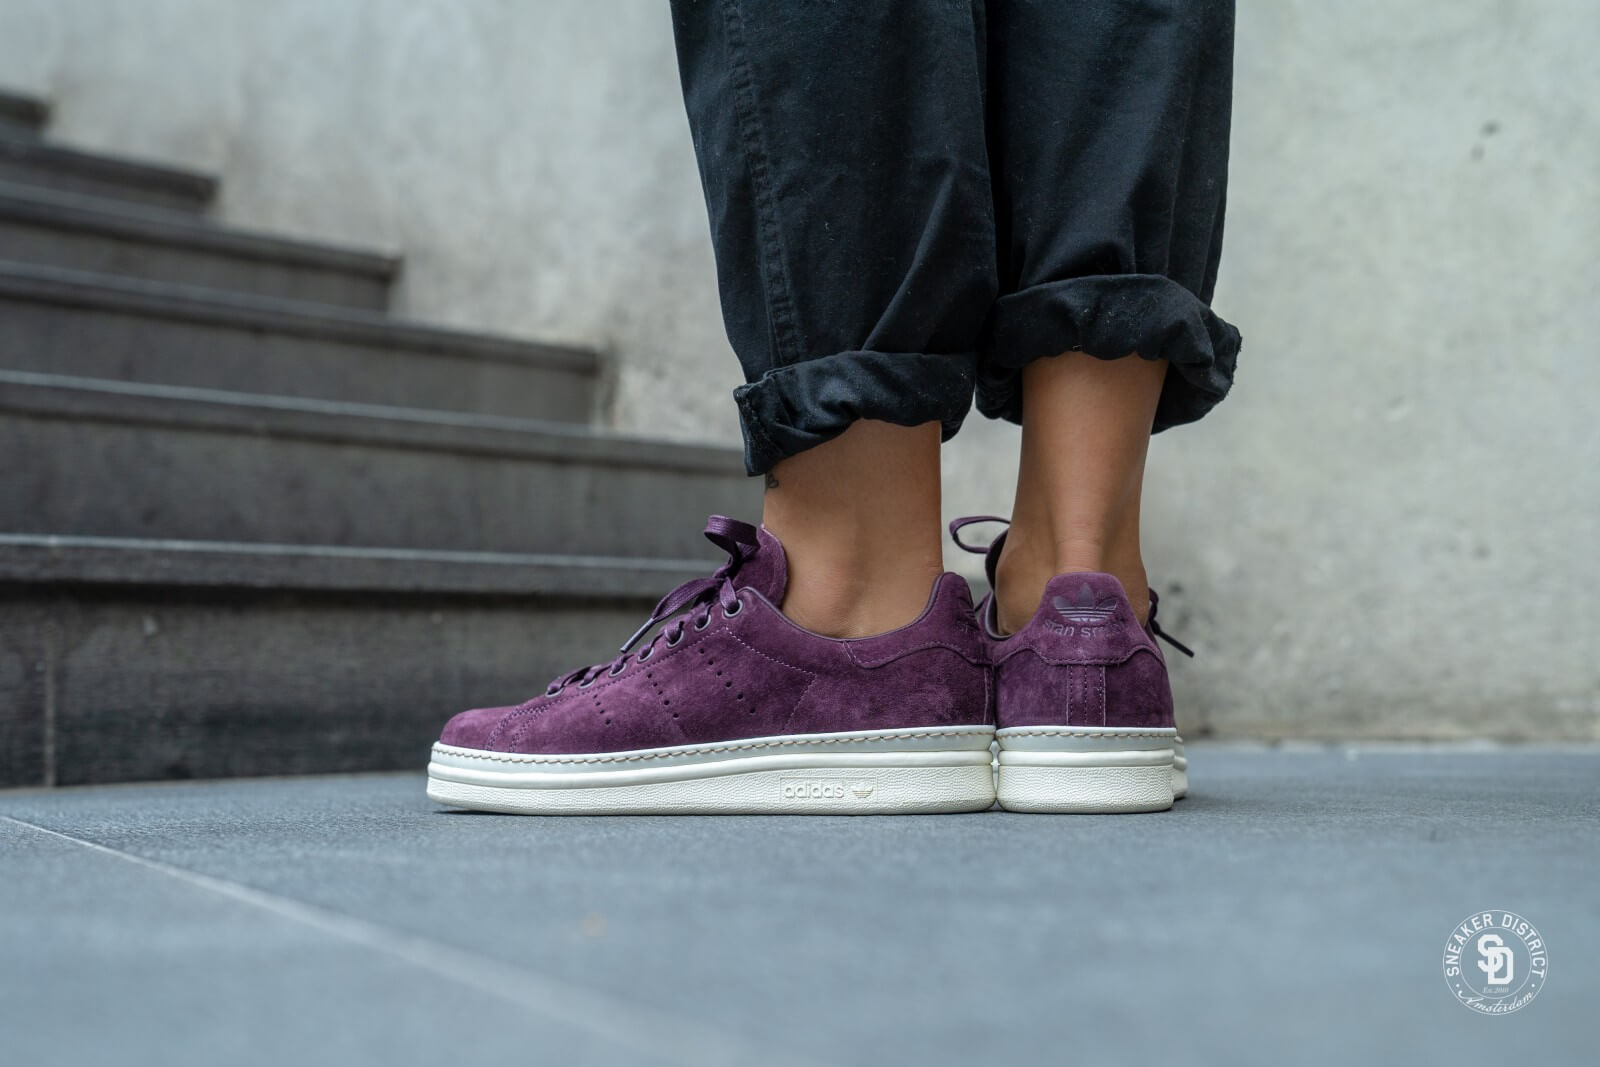 Adidas Women's Stan Smith New Bold